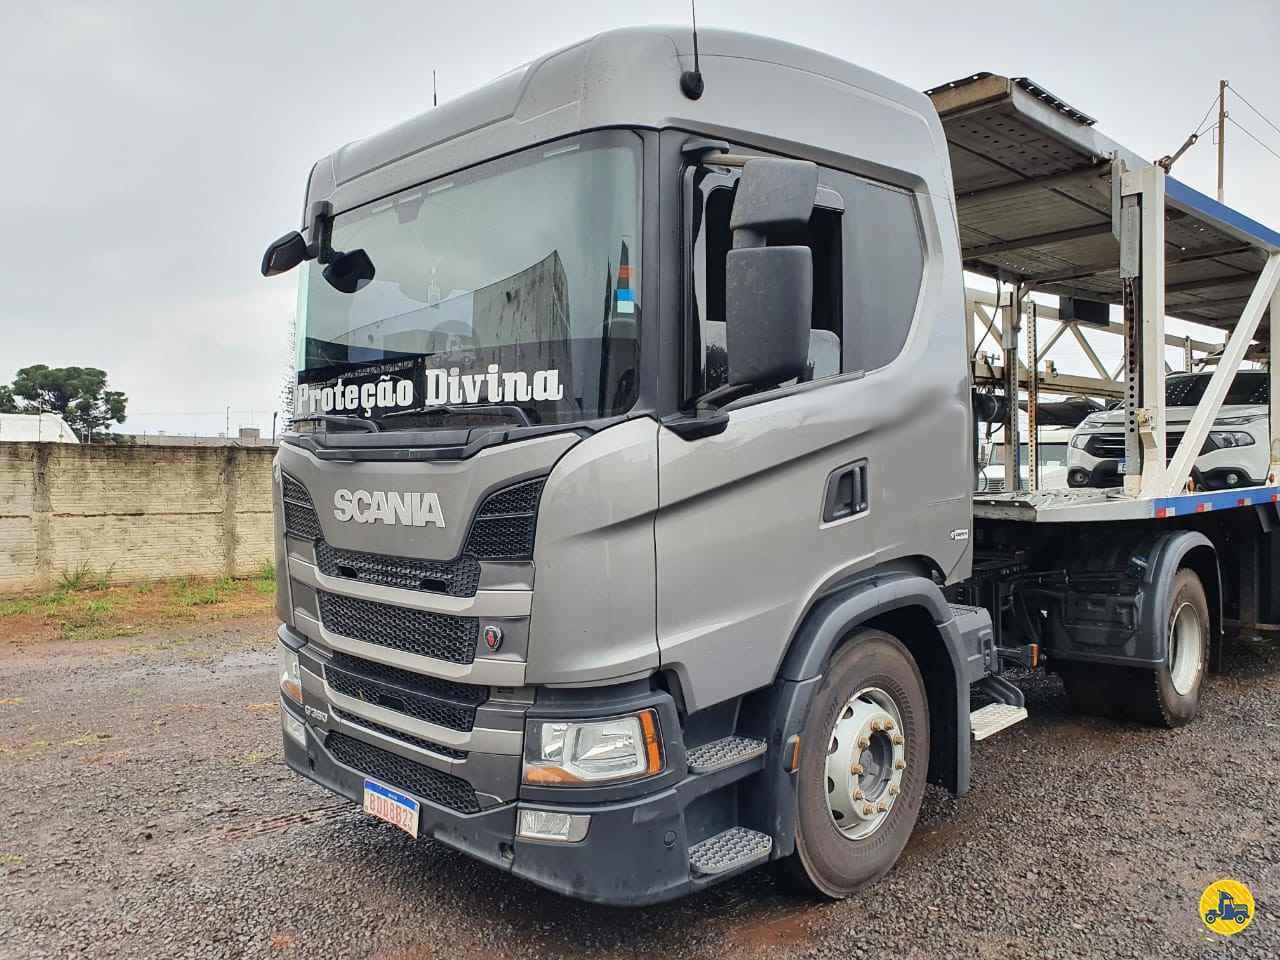 CAMINHAO SCANIA SCANIA 360 Cavalo Mecânico Truck 6x2 Maracavel Londrina Caminhões LONDRINA PARANÁ PR